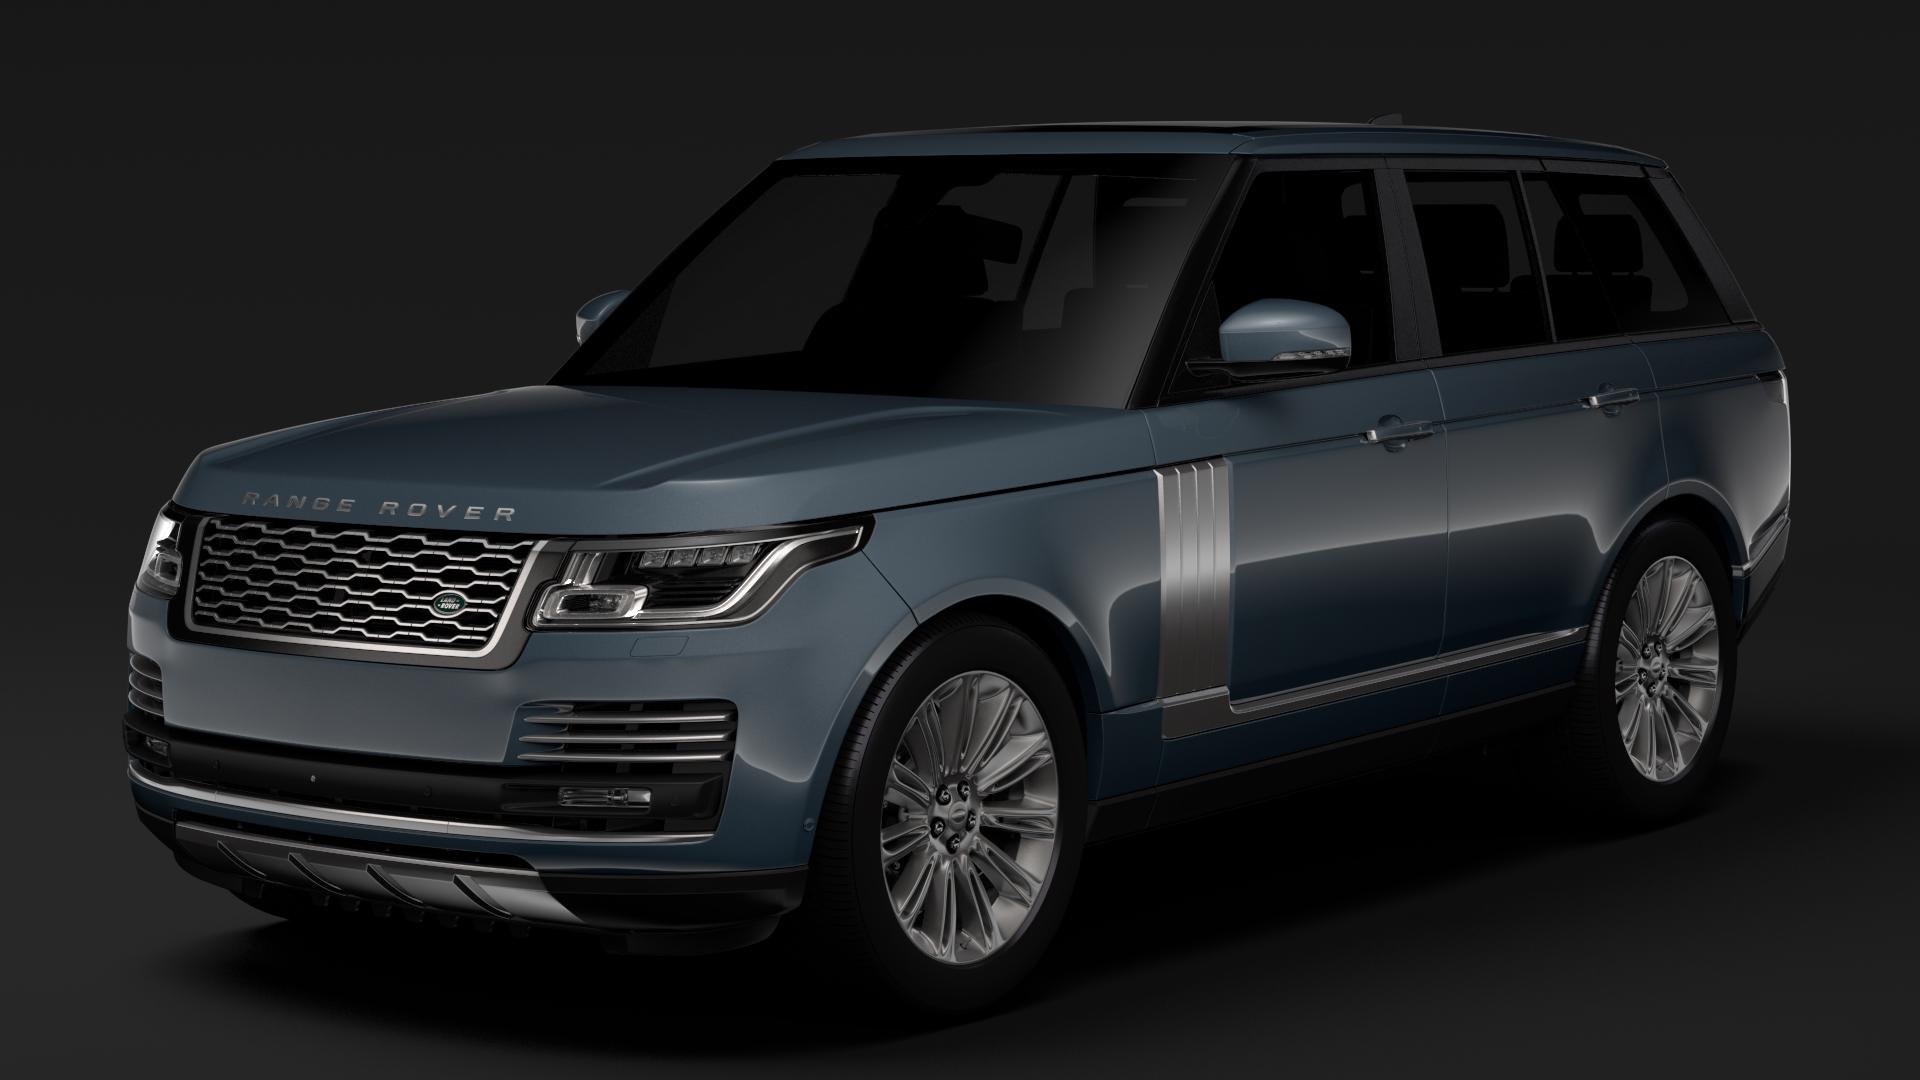 range rover autobiography (l405) 2018 3d model max fbx c4d lwo ma mb hrc xsi obj 278047